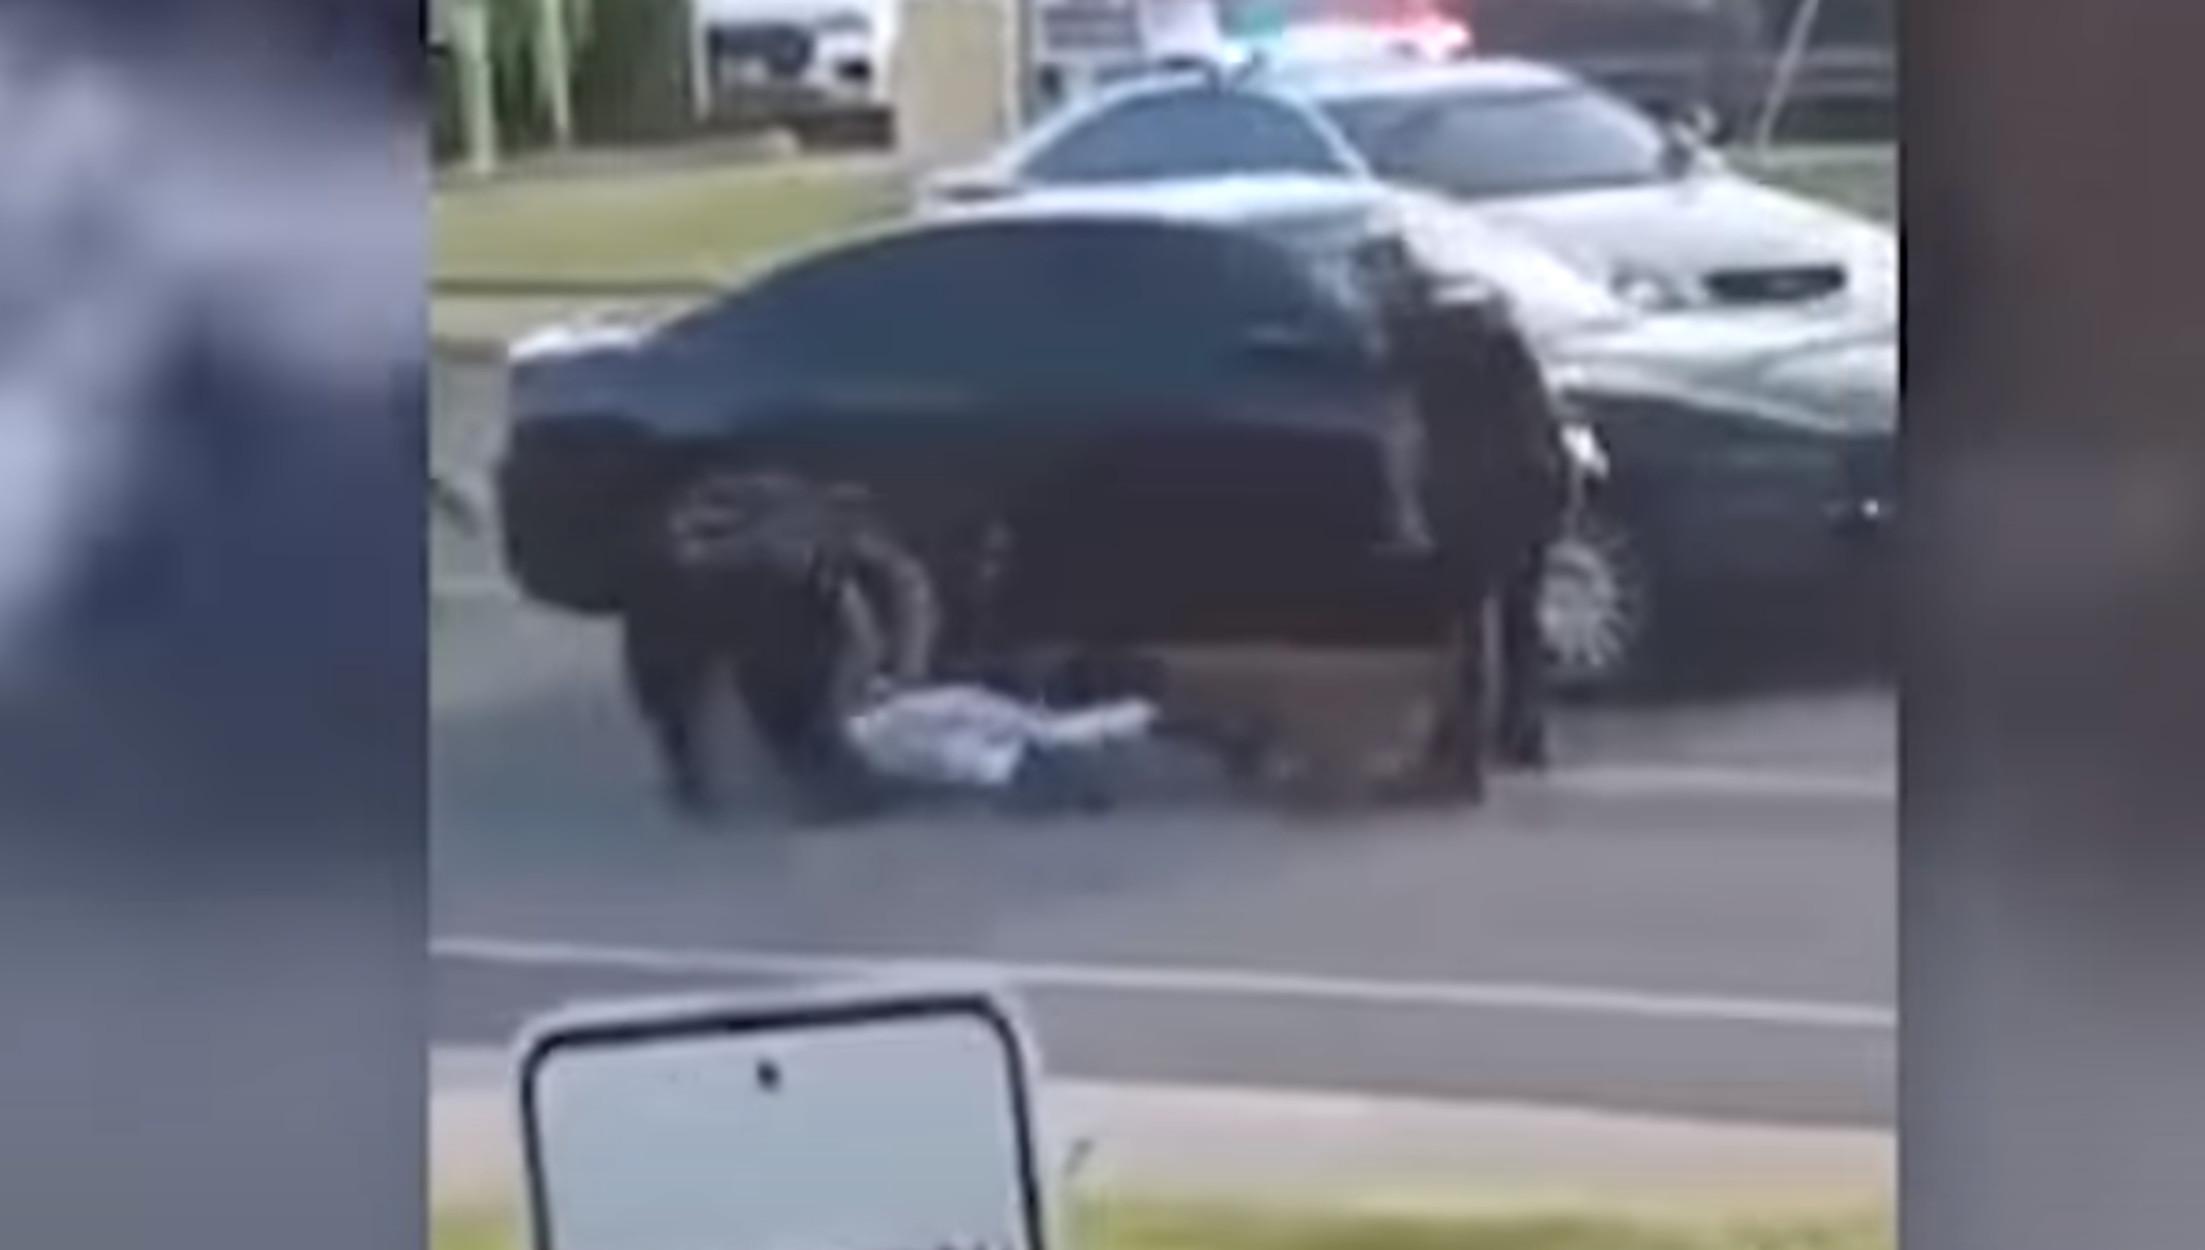 Μιζούρι: Αστυνομικοί εξαπολύουν σκύλο ξανά και ξανά εναντίον Αφροαμερικανού! Σοκαριστικό βίντεο